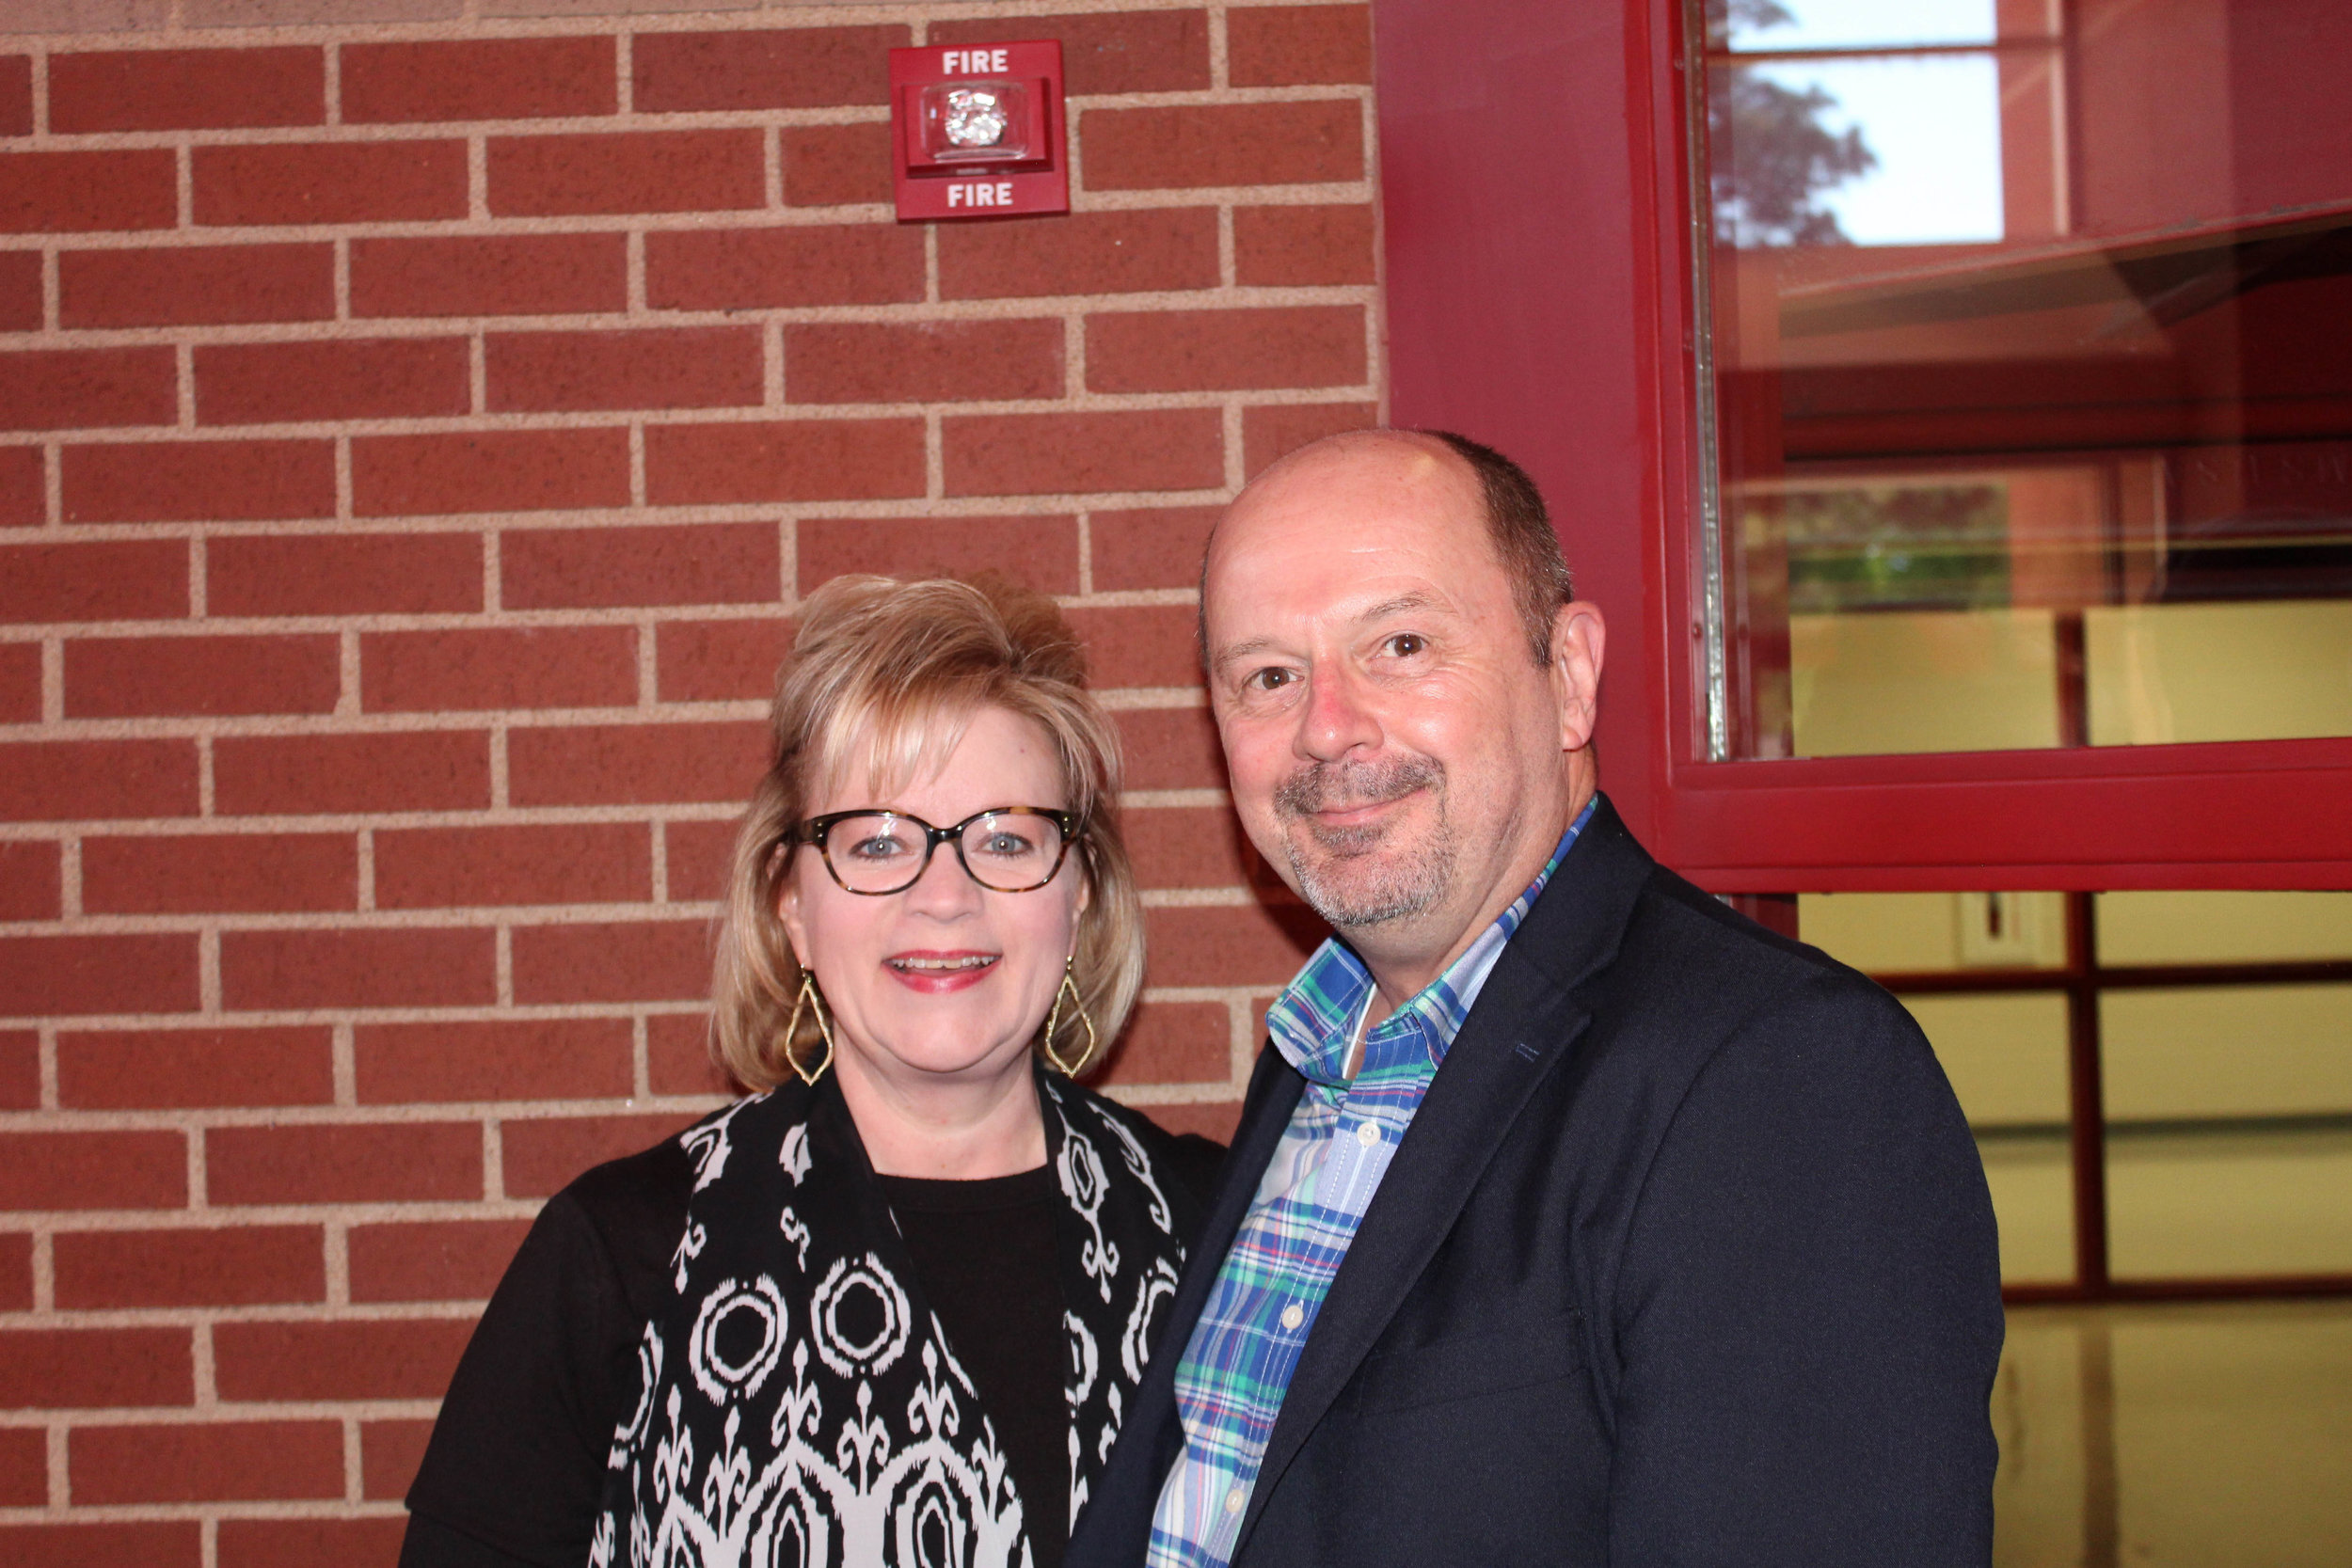 Carol Miller and Paul Nix